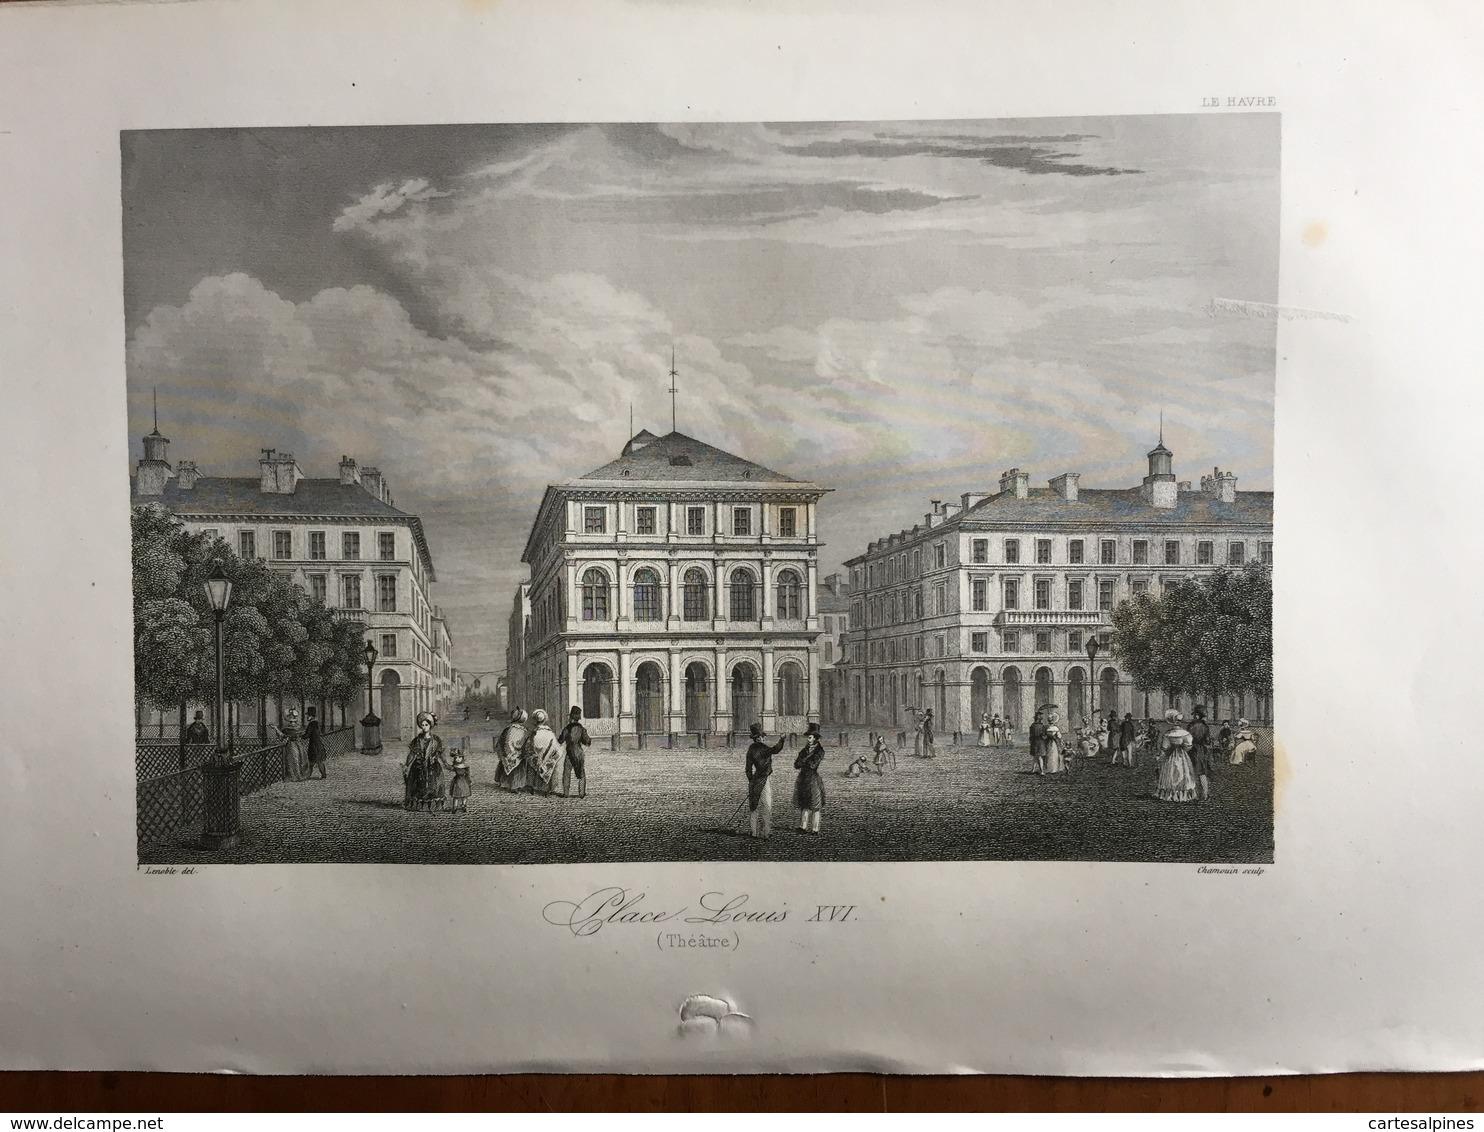 (Normandie) Le Havre: Place Louis XVI (théâtre). Gravure De 1840. - Normandie